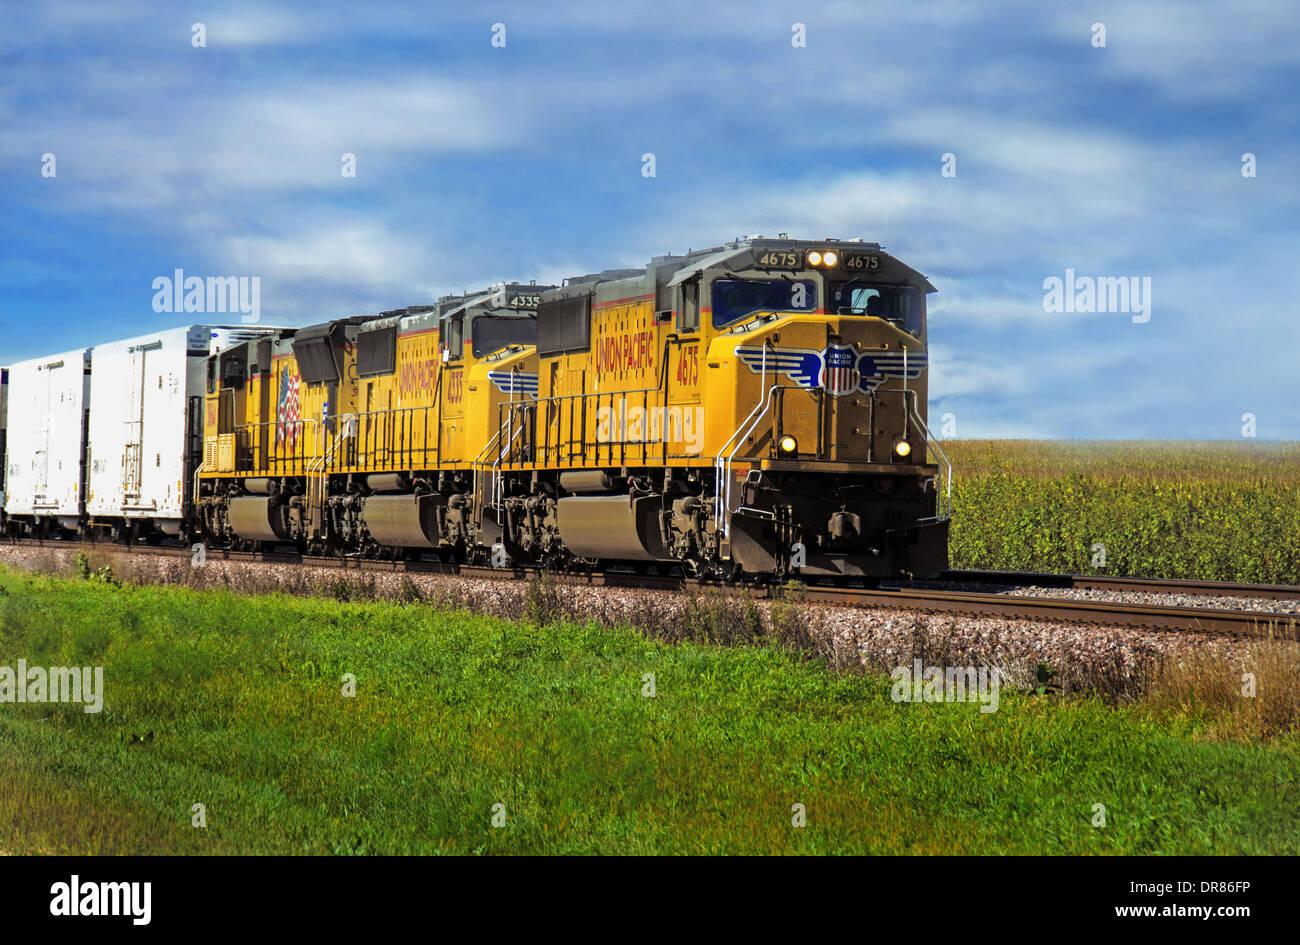 Union Pacific train sur les voies à proximité de l'Autoroute Près de Lincoln à Ashton, Illinois Photo Stock